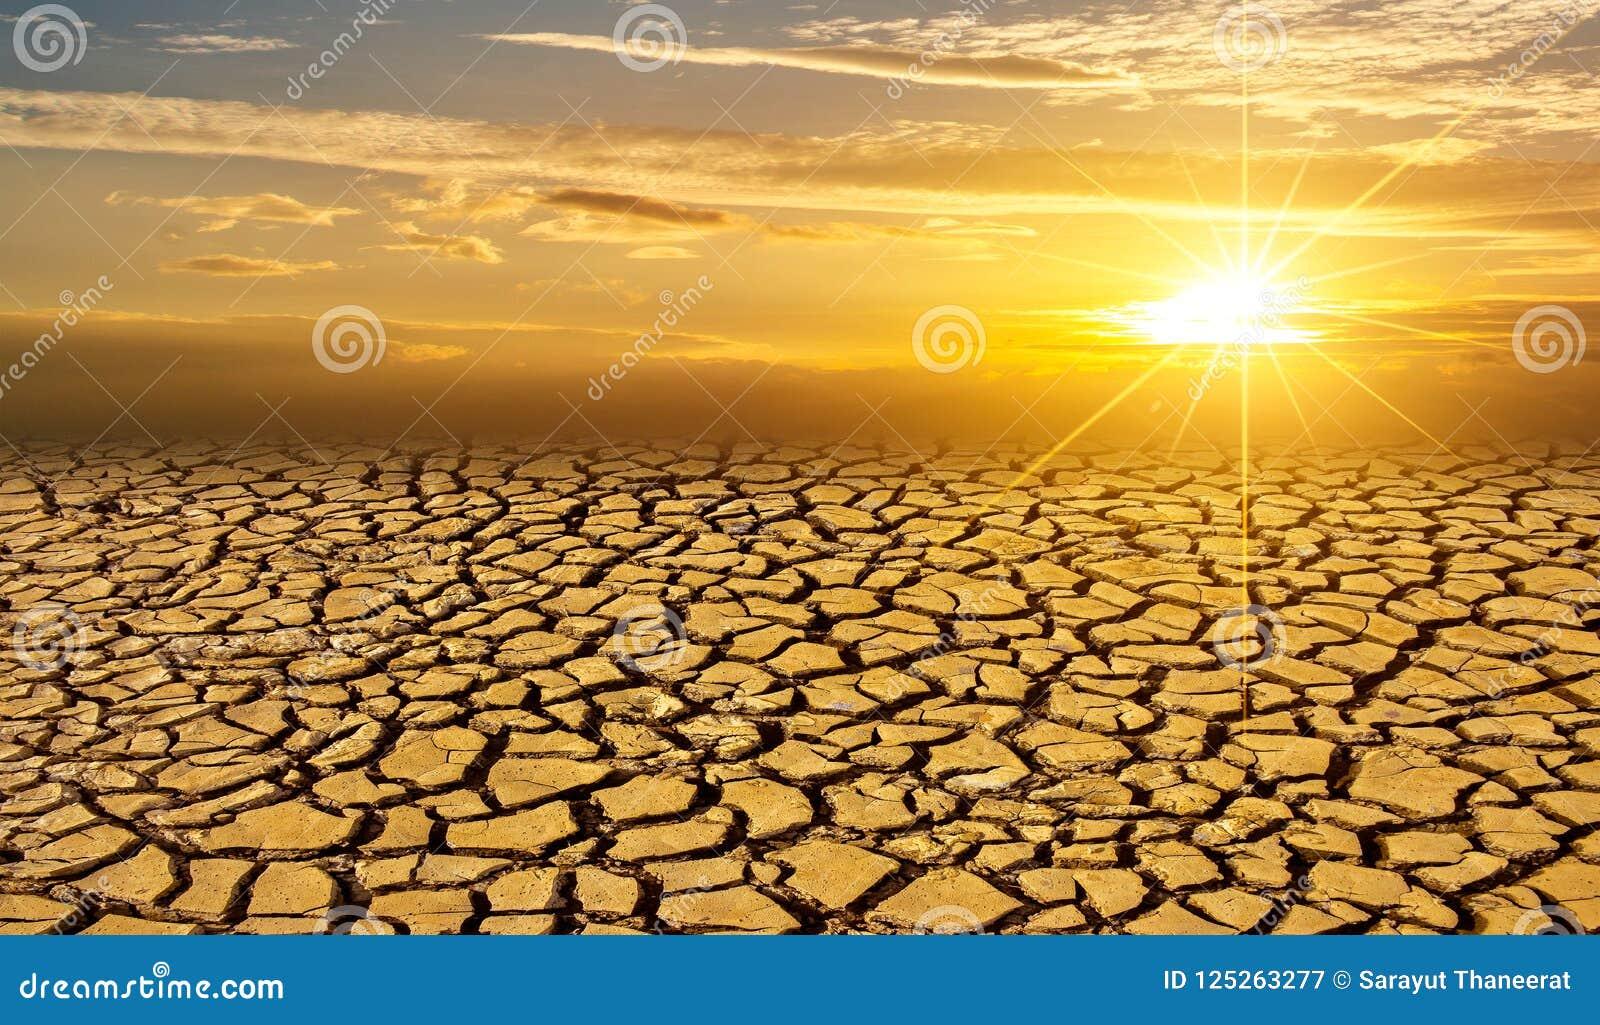 Концепция засушливой пустыни Солнця почвы глины глобальная проникая треснула заход солнца ландшафта пустыни засухи почвы выжженно